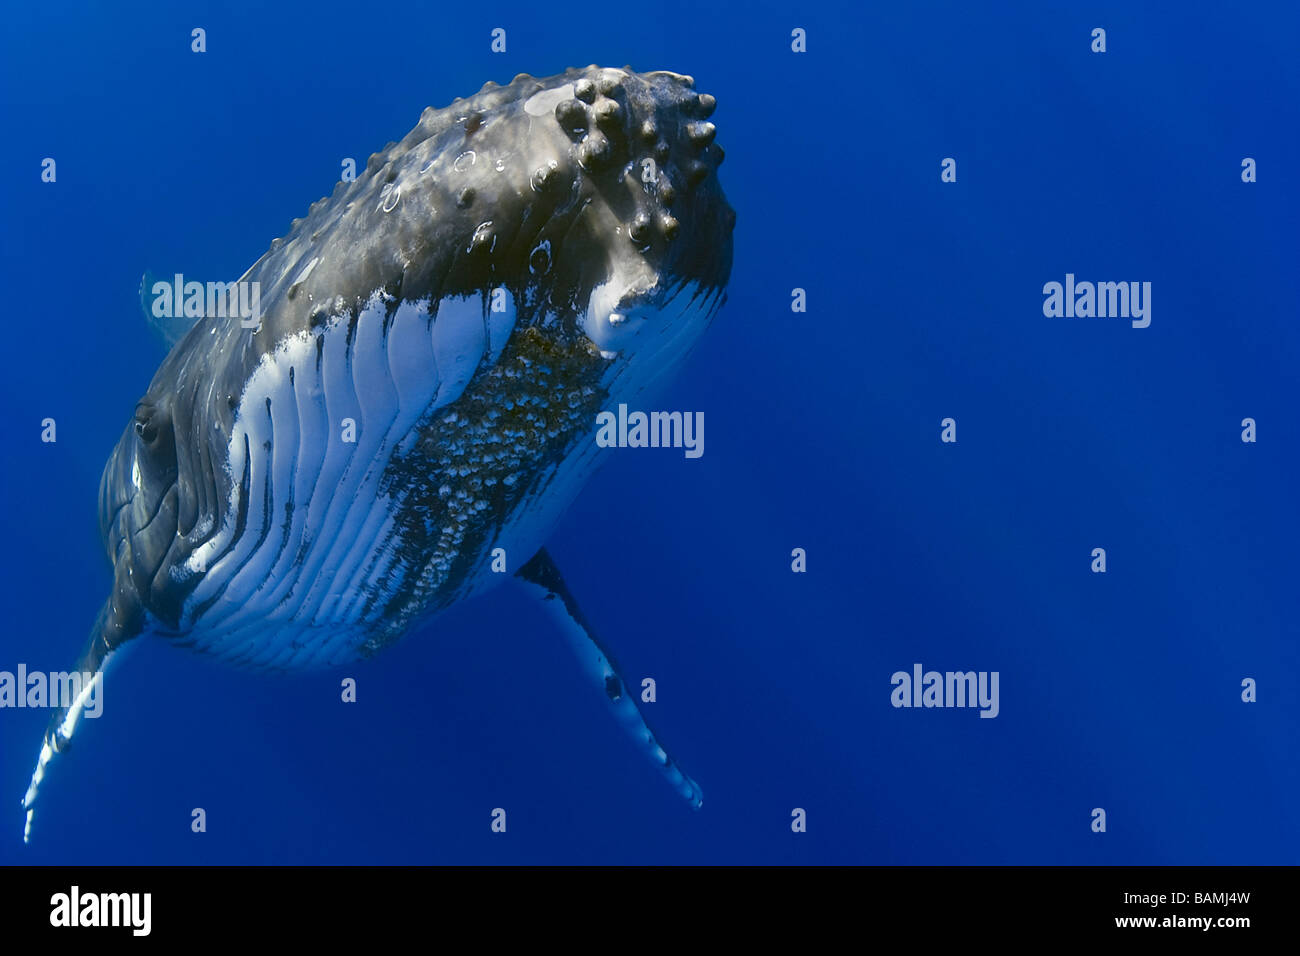 La ballena jorobada, Megaptera novaeangliae Foto de stock